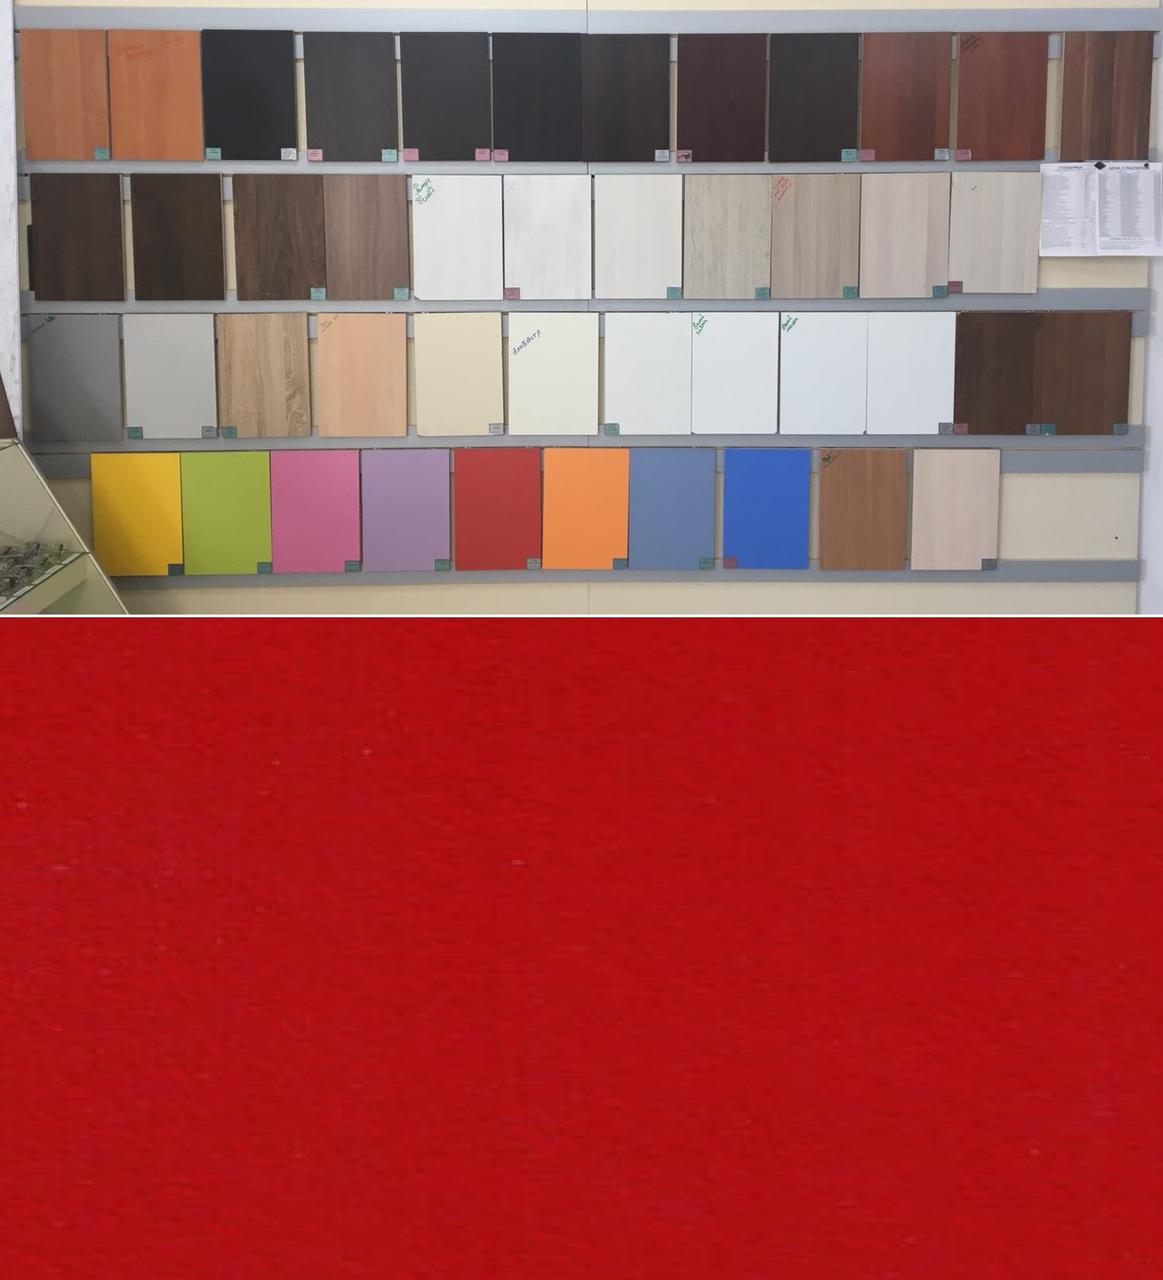 ЛДСП Красный (цена с распилом)  2750*1830*16, 2500*1830*16  мм